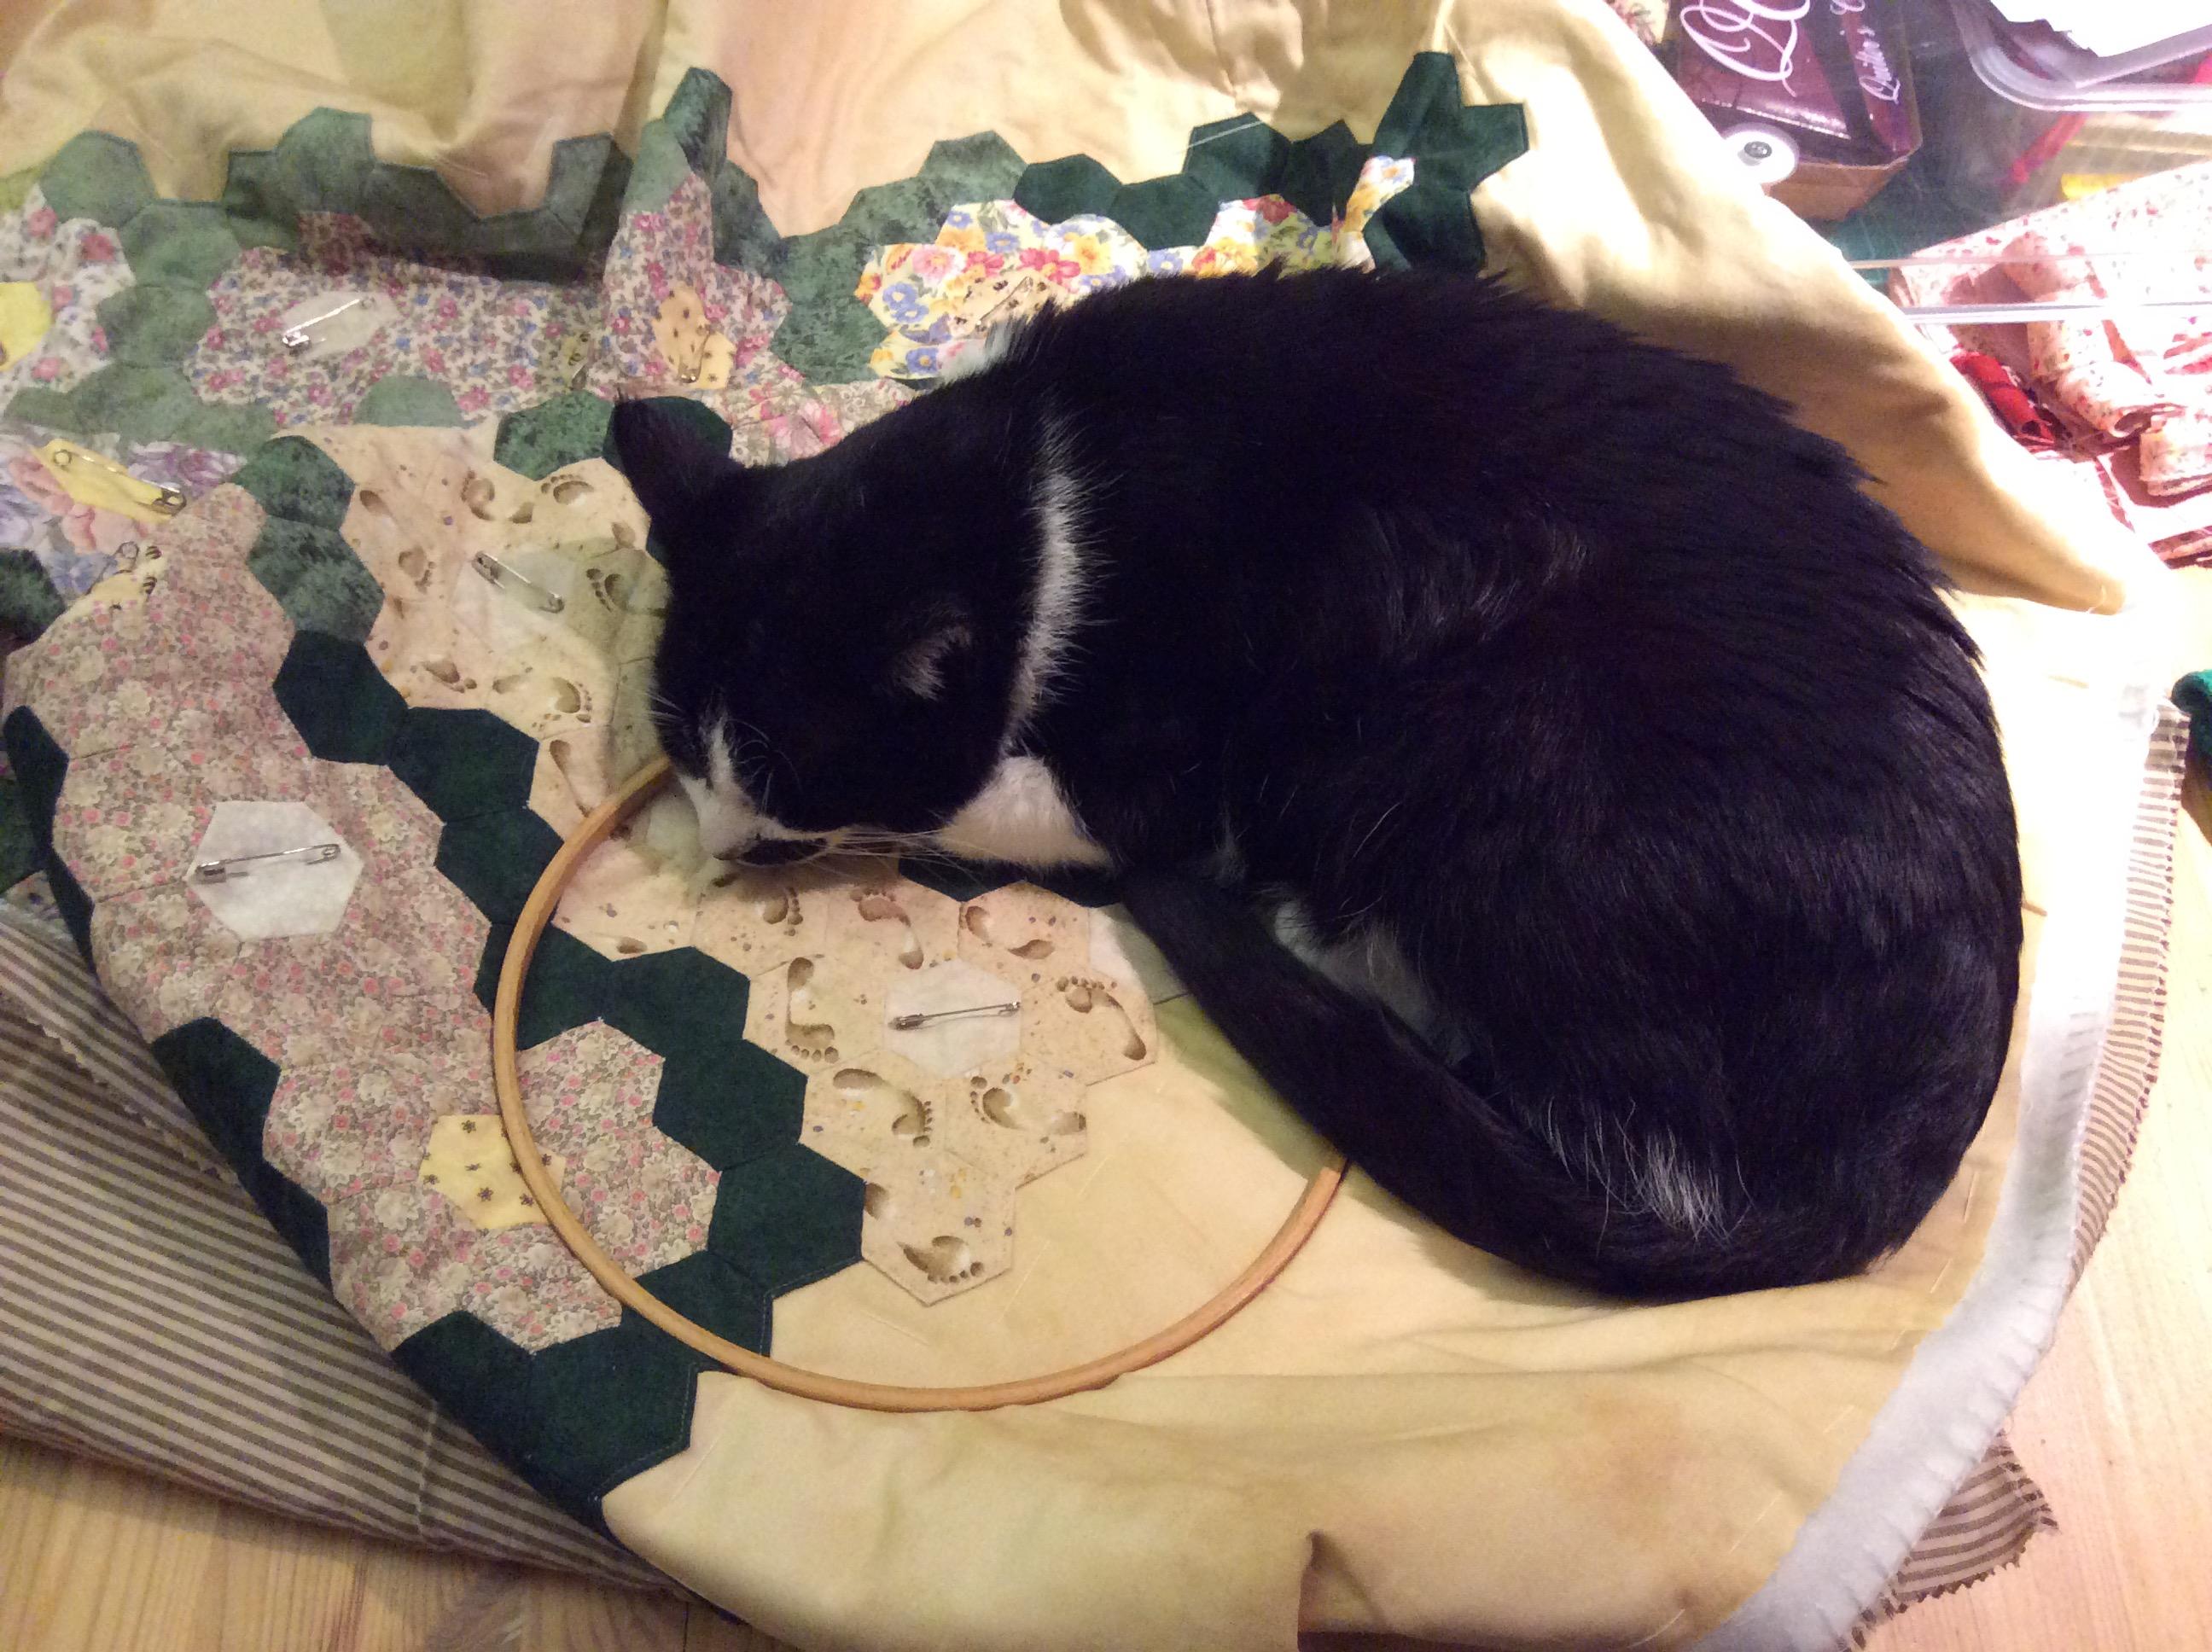 Quiltdecke - Grandmas Flower Garden - unvollendet handgenähte 6-Ecken-Technik und mittendrauf eine schwarz-weiße Katze schlafend